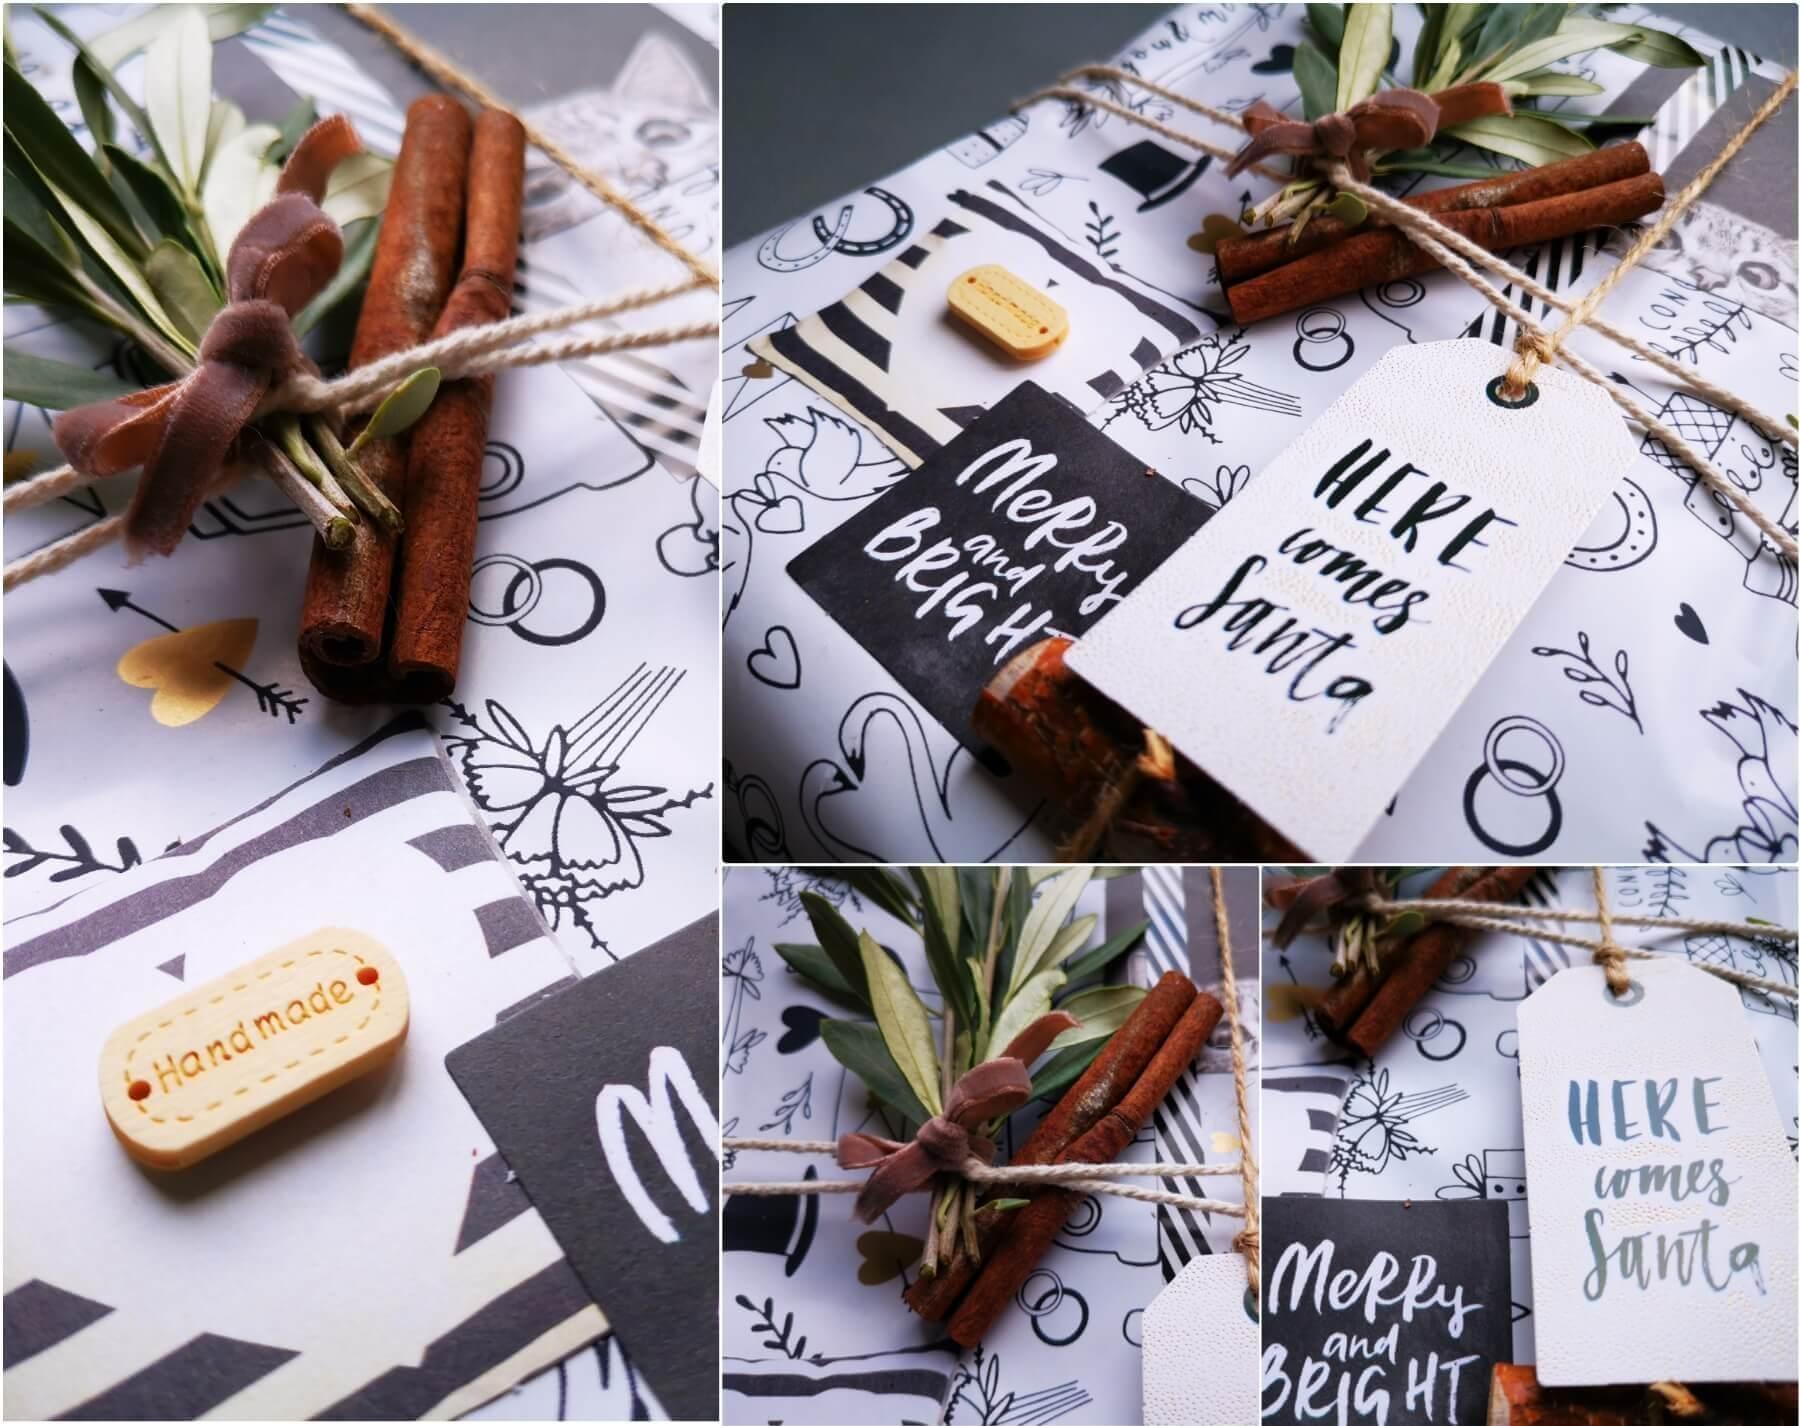 inCollage 20191208 165640524 resized 20191208 101731462 e1576439058800 - Geschenke verpacken: 11 kreative Tipps zum Selbermachen